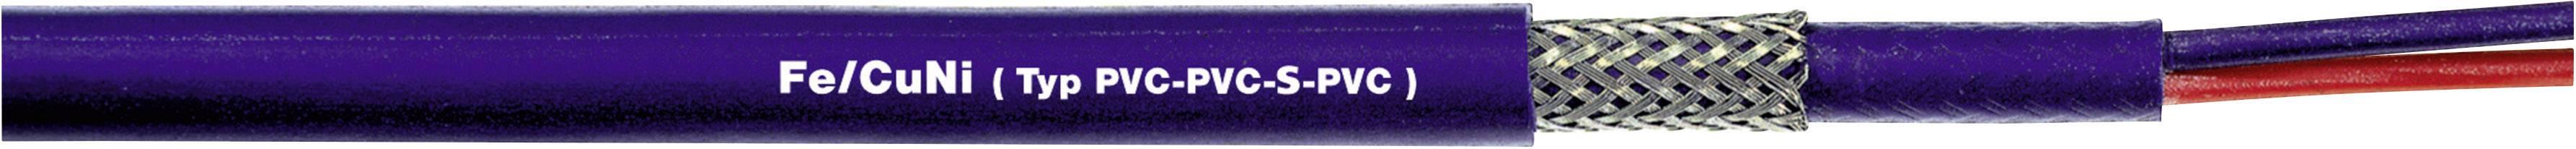 Sabirnice za povezivanje procesorskog dijela računala s okolinom zbog naglog razvoja.